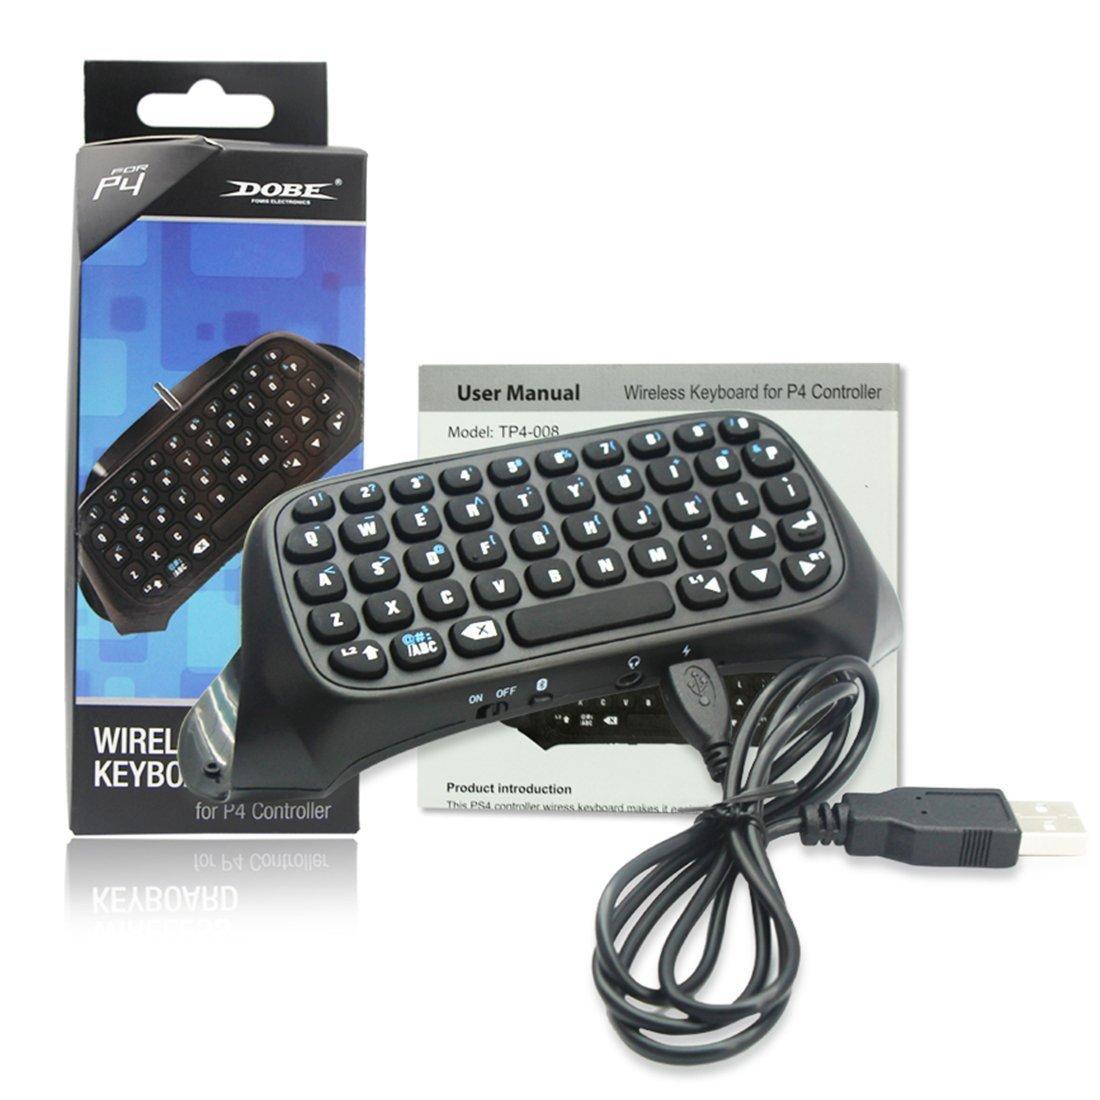 PS4用ミニコントローラチャットキーボード、PS4 B07KN65MHN/ PS4用2.4Gレシーバーチャットパッドメッセージゲームキーパッドスリム/ PS4/ Proコントローラ(ブラック) B07KN65MHN, イッシキチョウ:0824cb86 --- lindauprogress.se